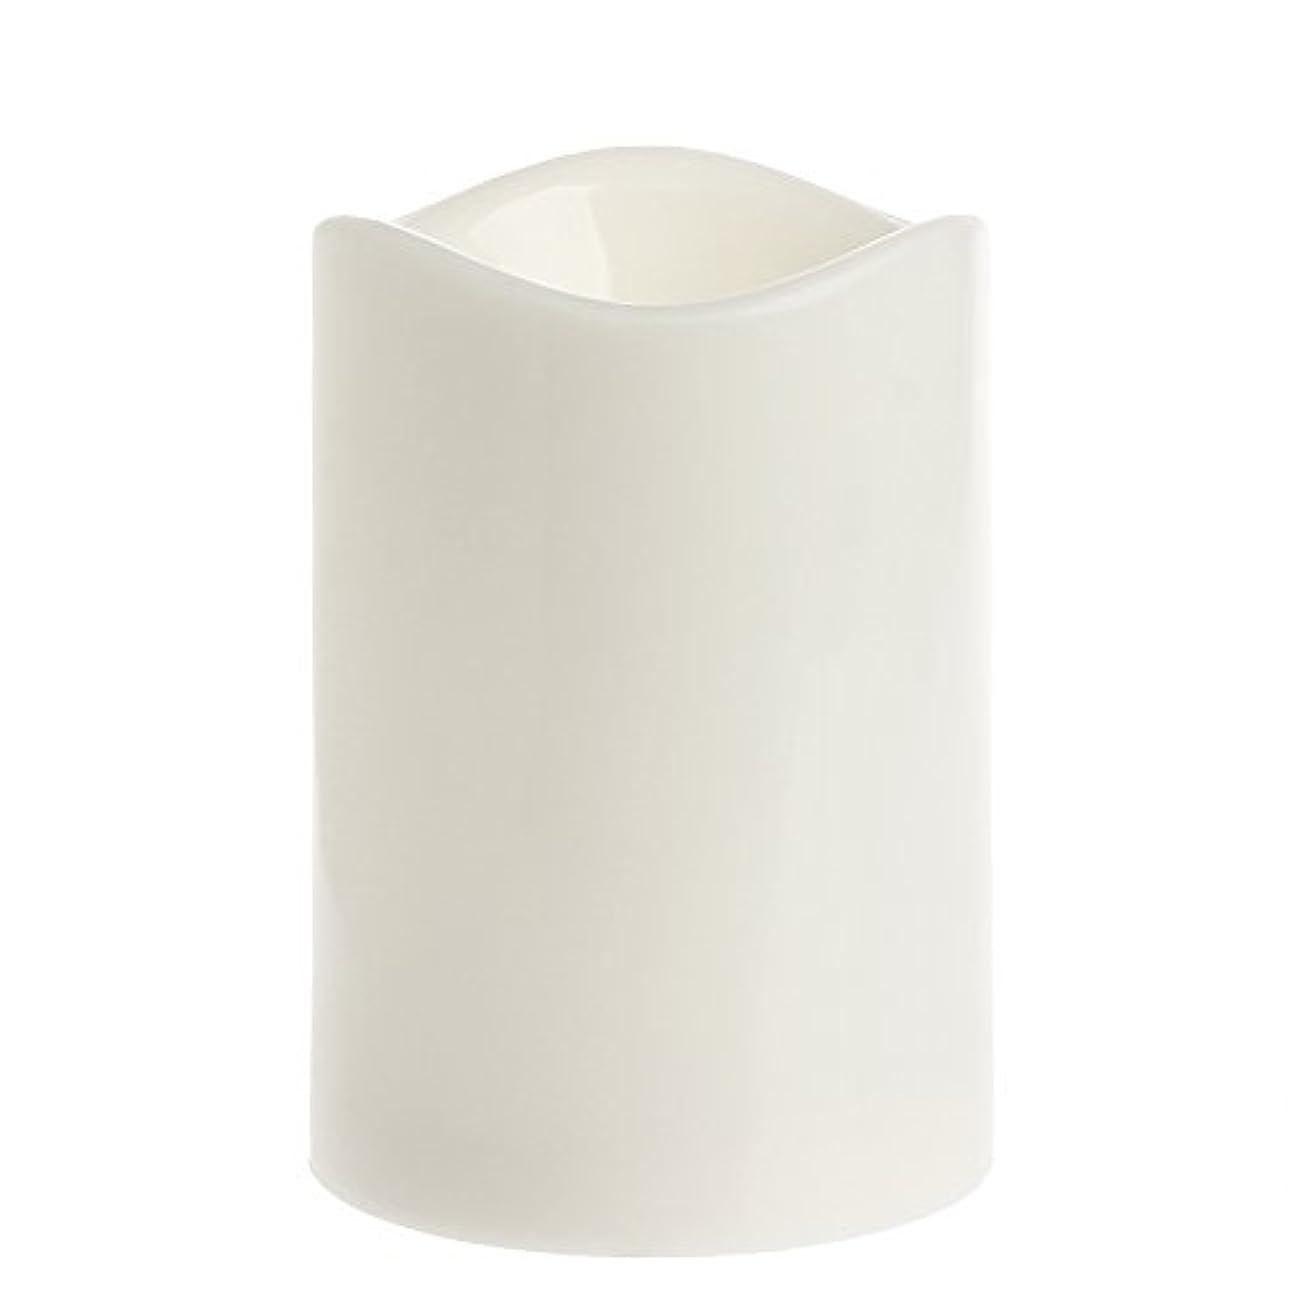 ミリメーター薬アーサーコナンドイルSimpleLifeロマンチックFlameless LED電子キャンドルライトウェディング香りワックスホームインテリア